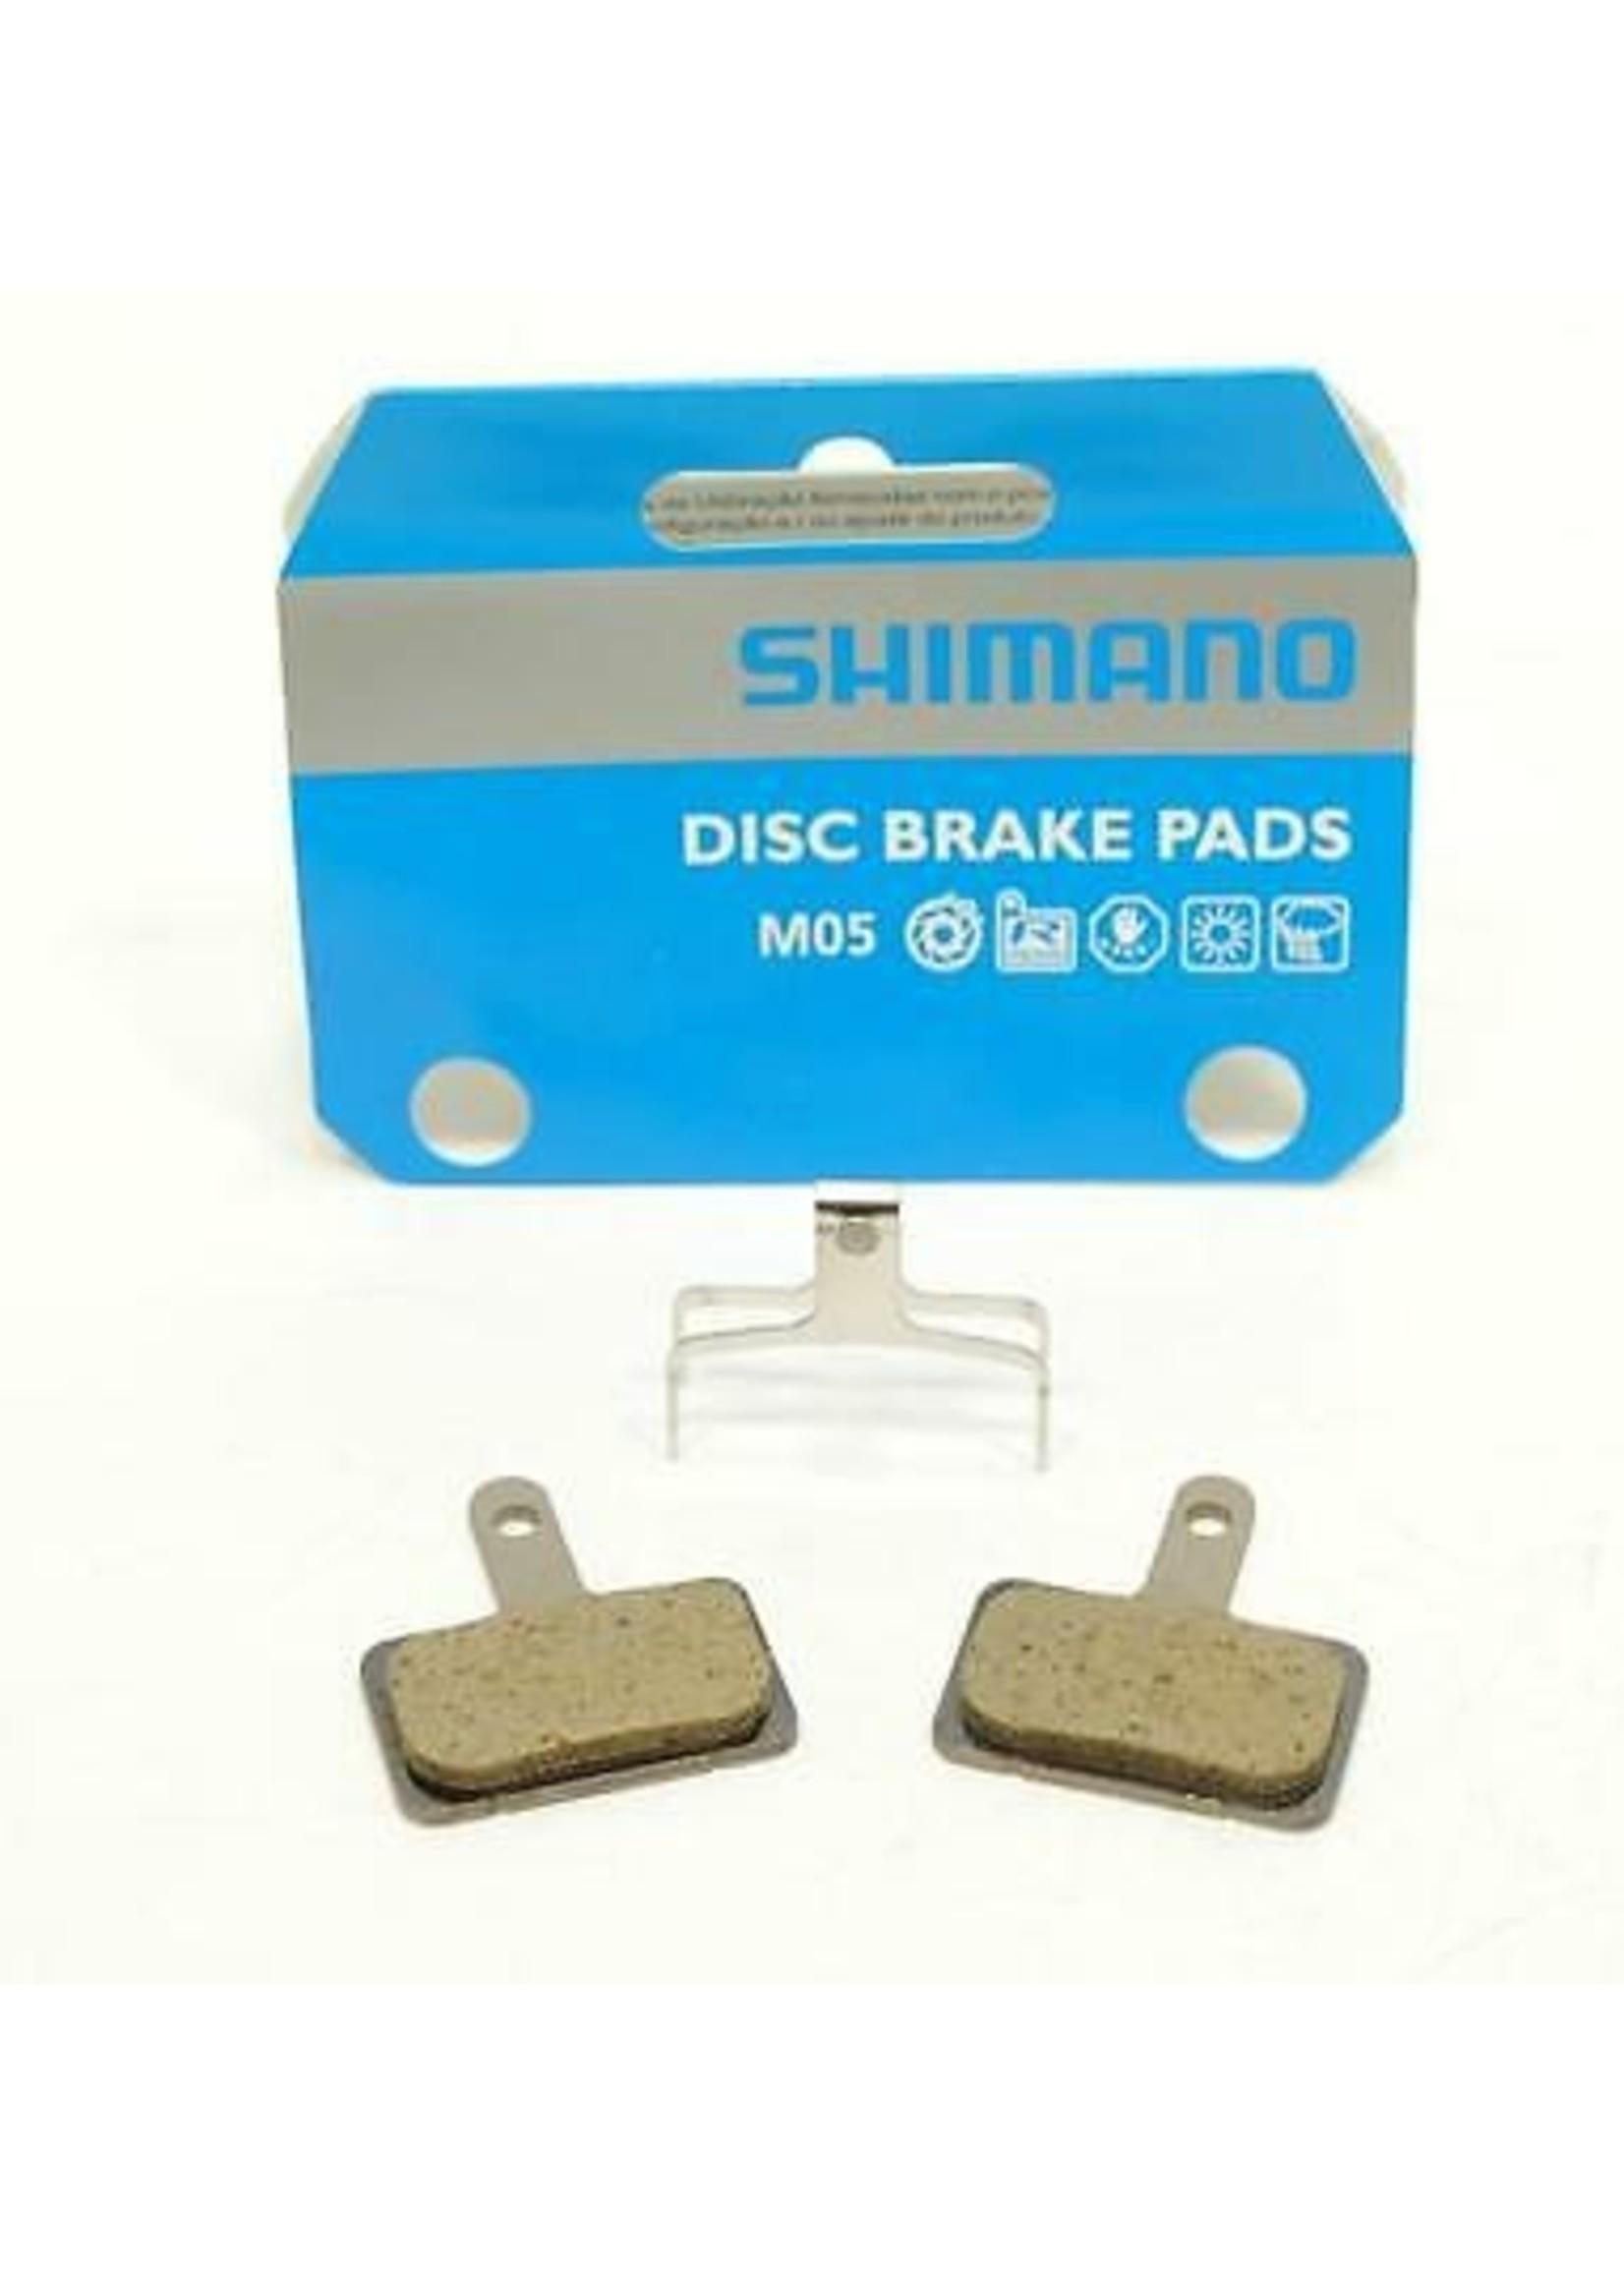 Shimano SHIM (M05) RESIN PADS